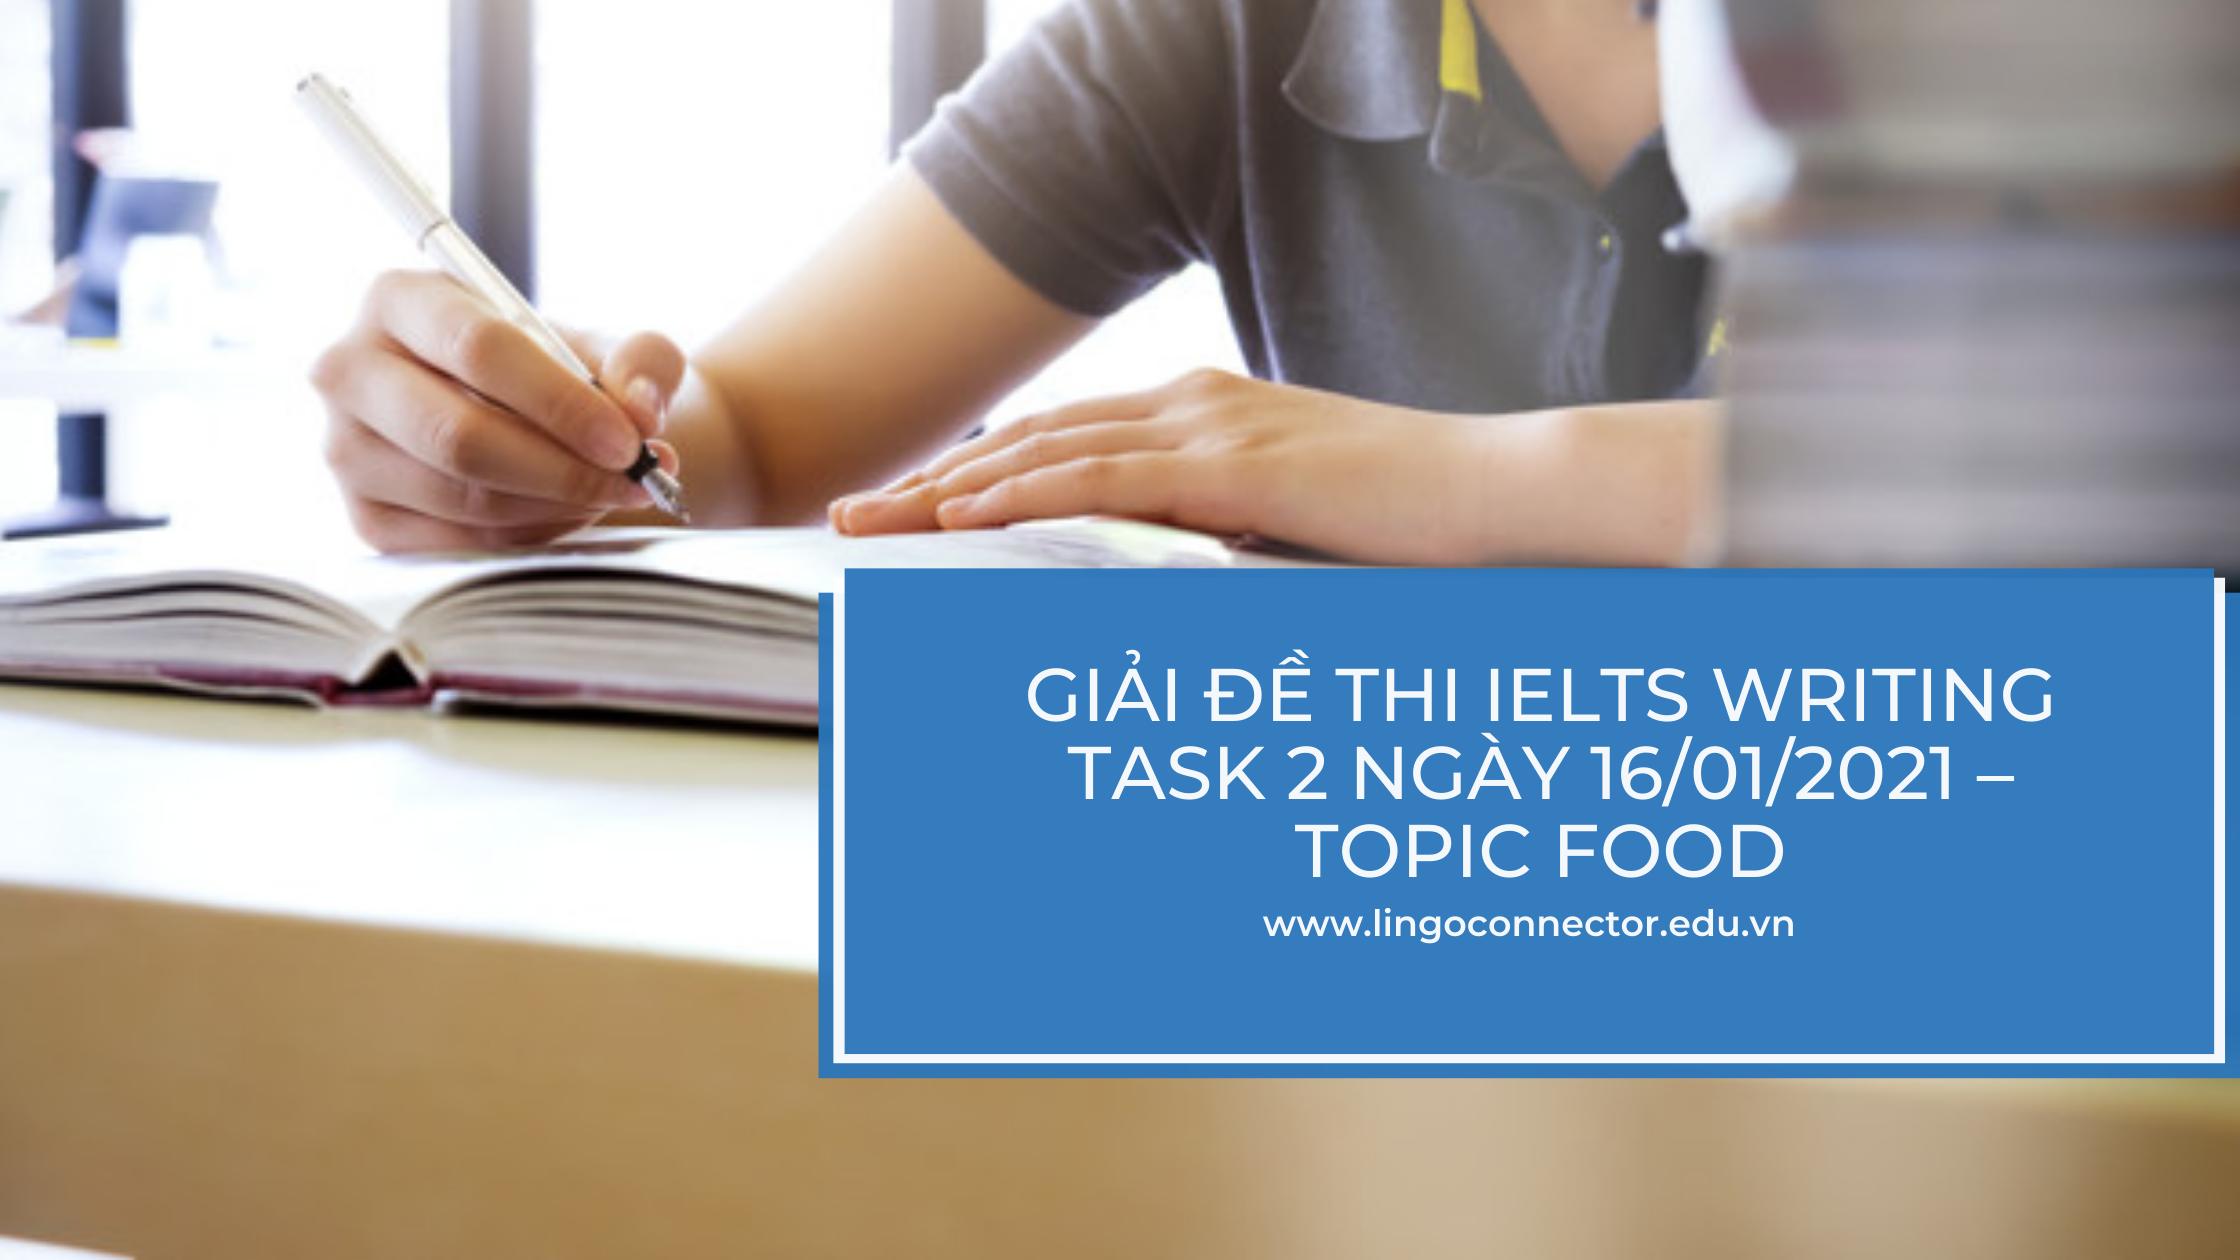 Giải đề thi IELTS WRITING TASK 2 ngày 16/01/2021 – TOPIC FOOD